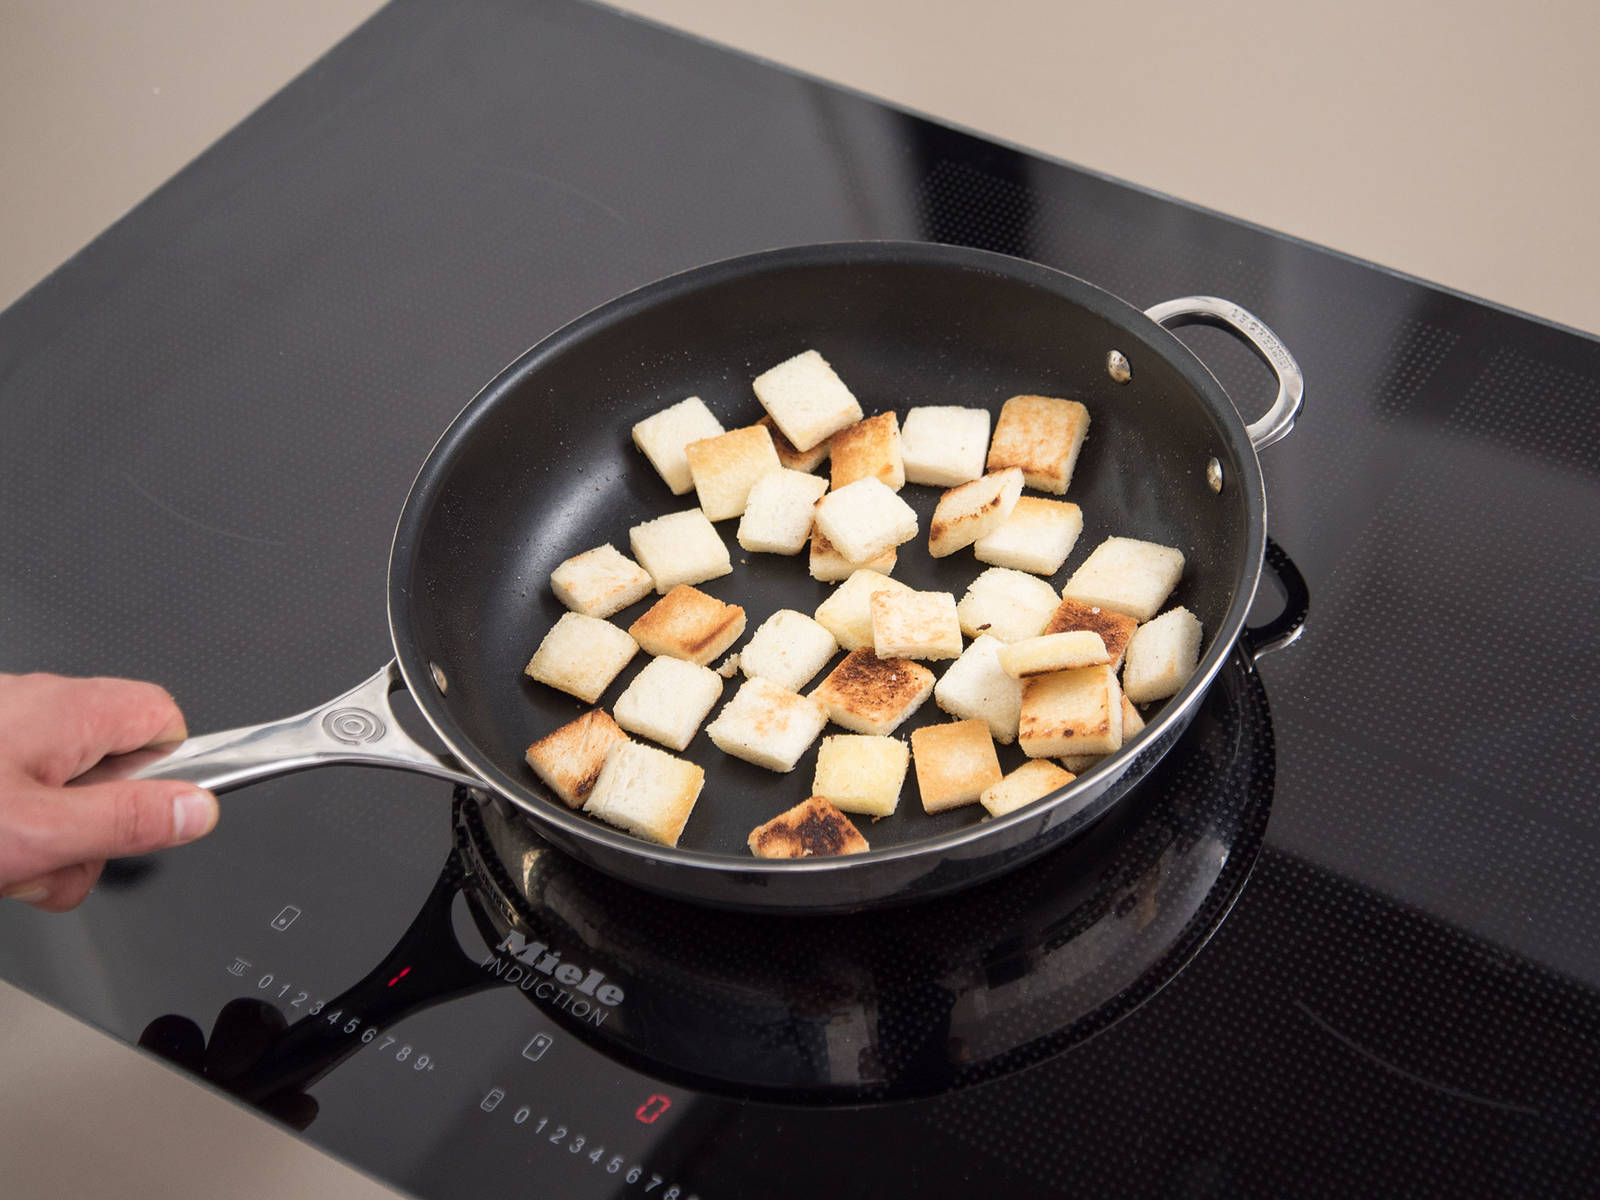 Schnittlauch fein hacken und in eine Schüssel geben. Mit Frischkäse verrühren, mit Salz und Pfeffer abschmecken und beiseitestellen. Weißbrot in ca. 2 cm lange Quadrate schneiden. Olivenöl in einer Pfanne bei mittlerer bis hoher Hitze erwärmen. Brotstückchen ca. 5 Min. anbraten, oder bis sie goldbraun sind. Aus der Pfanne nehmen und beiseitelegen.